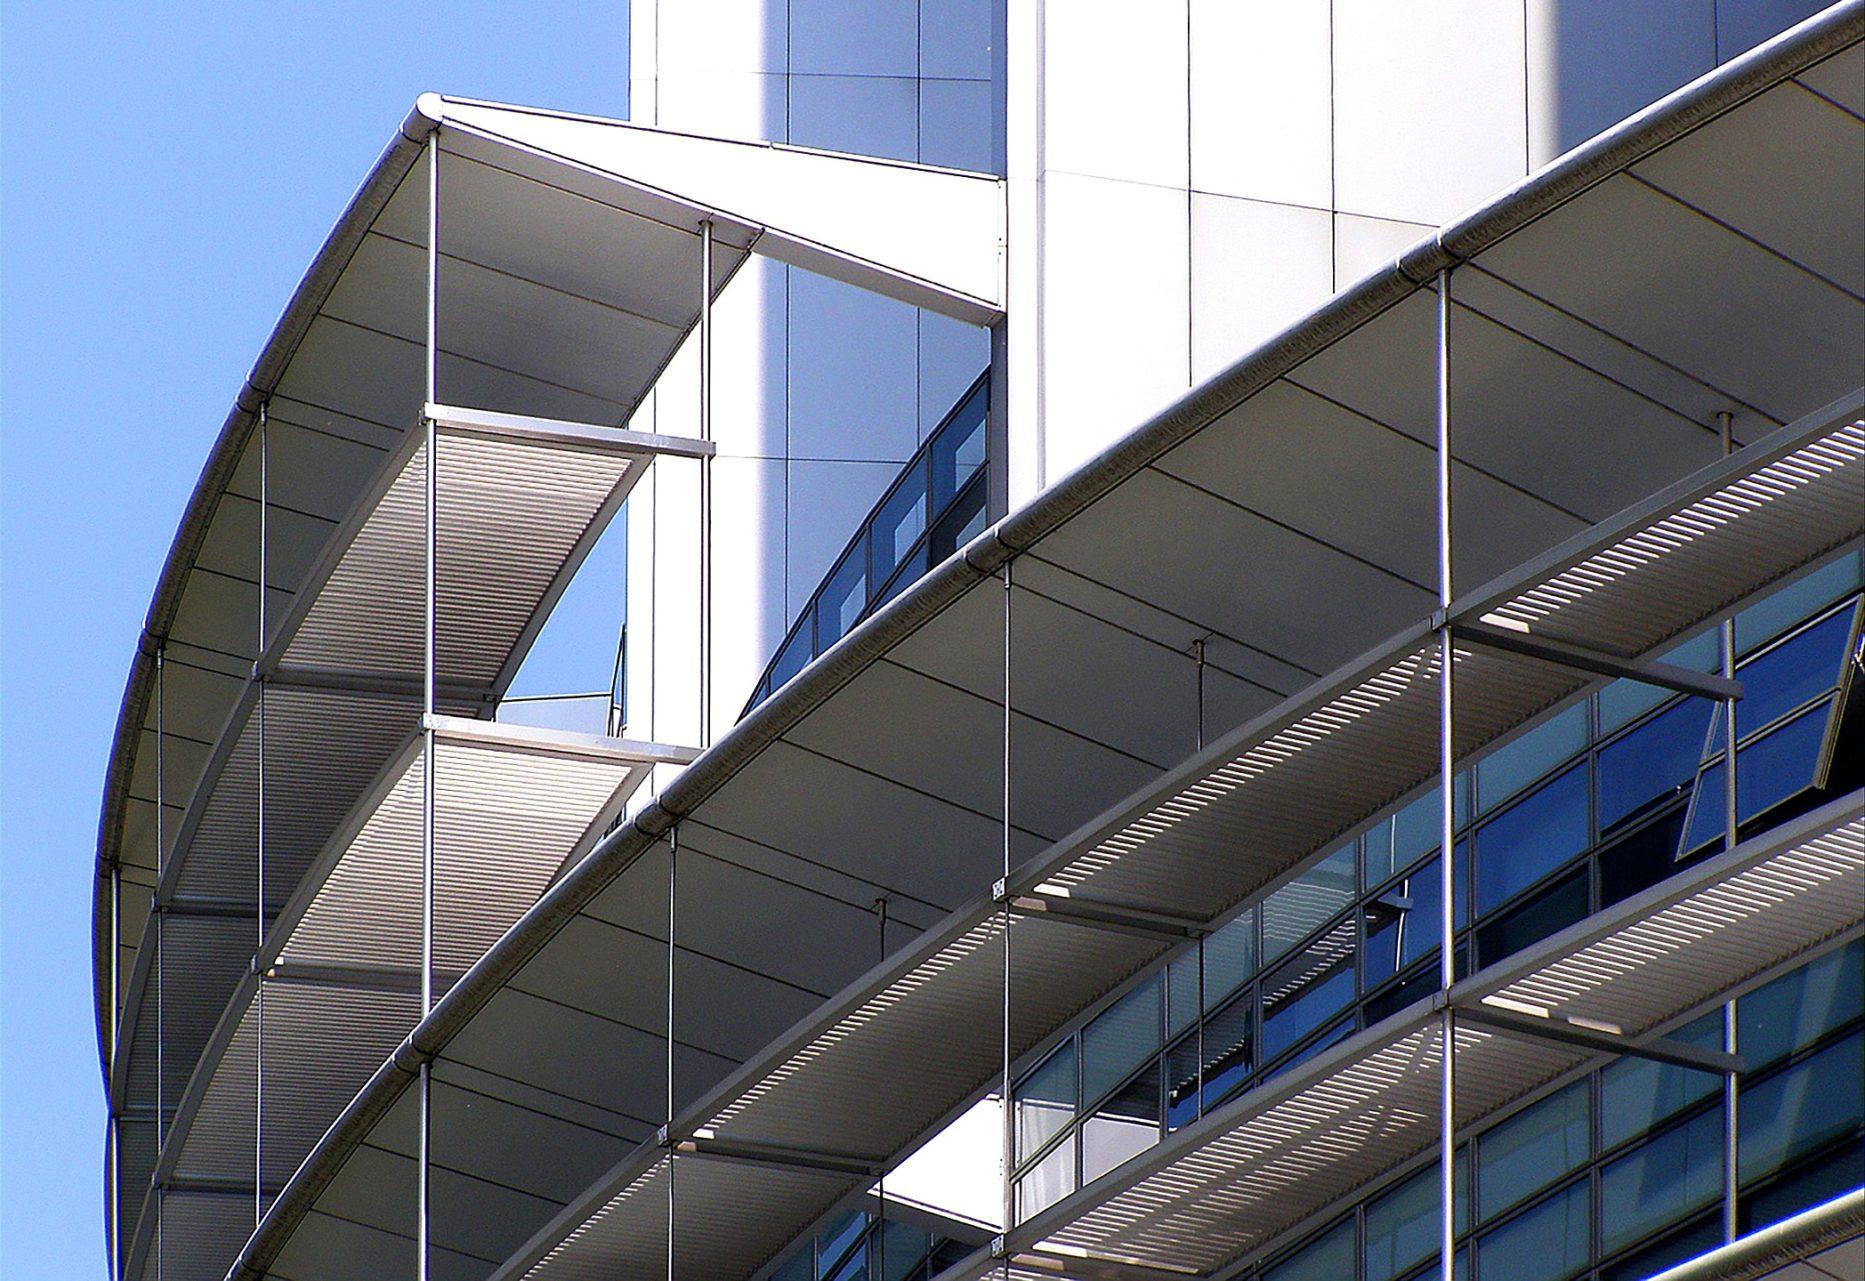 Beëindigings Vergoeding Werknemer Vs Werkgever | Arbeid AdvocatenVakantiedagenwetgeving | Arbeid Advocaten - Amsterdam - Den Haag